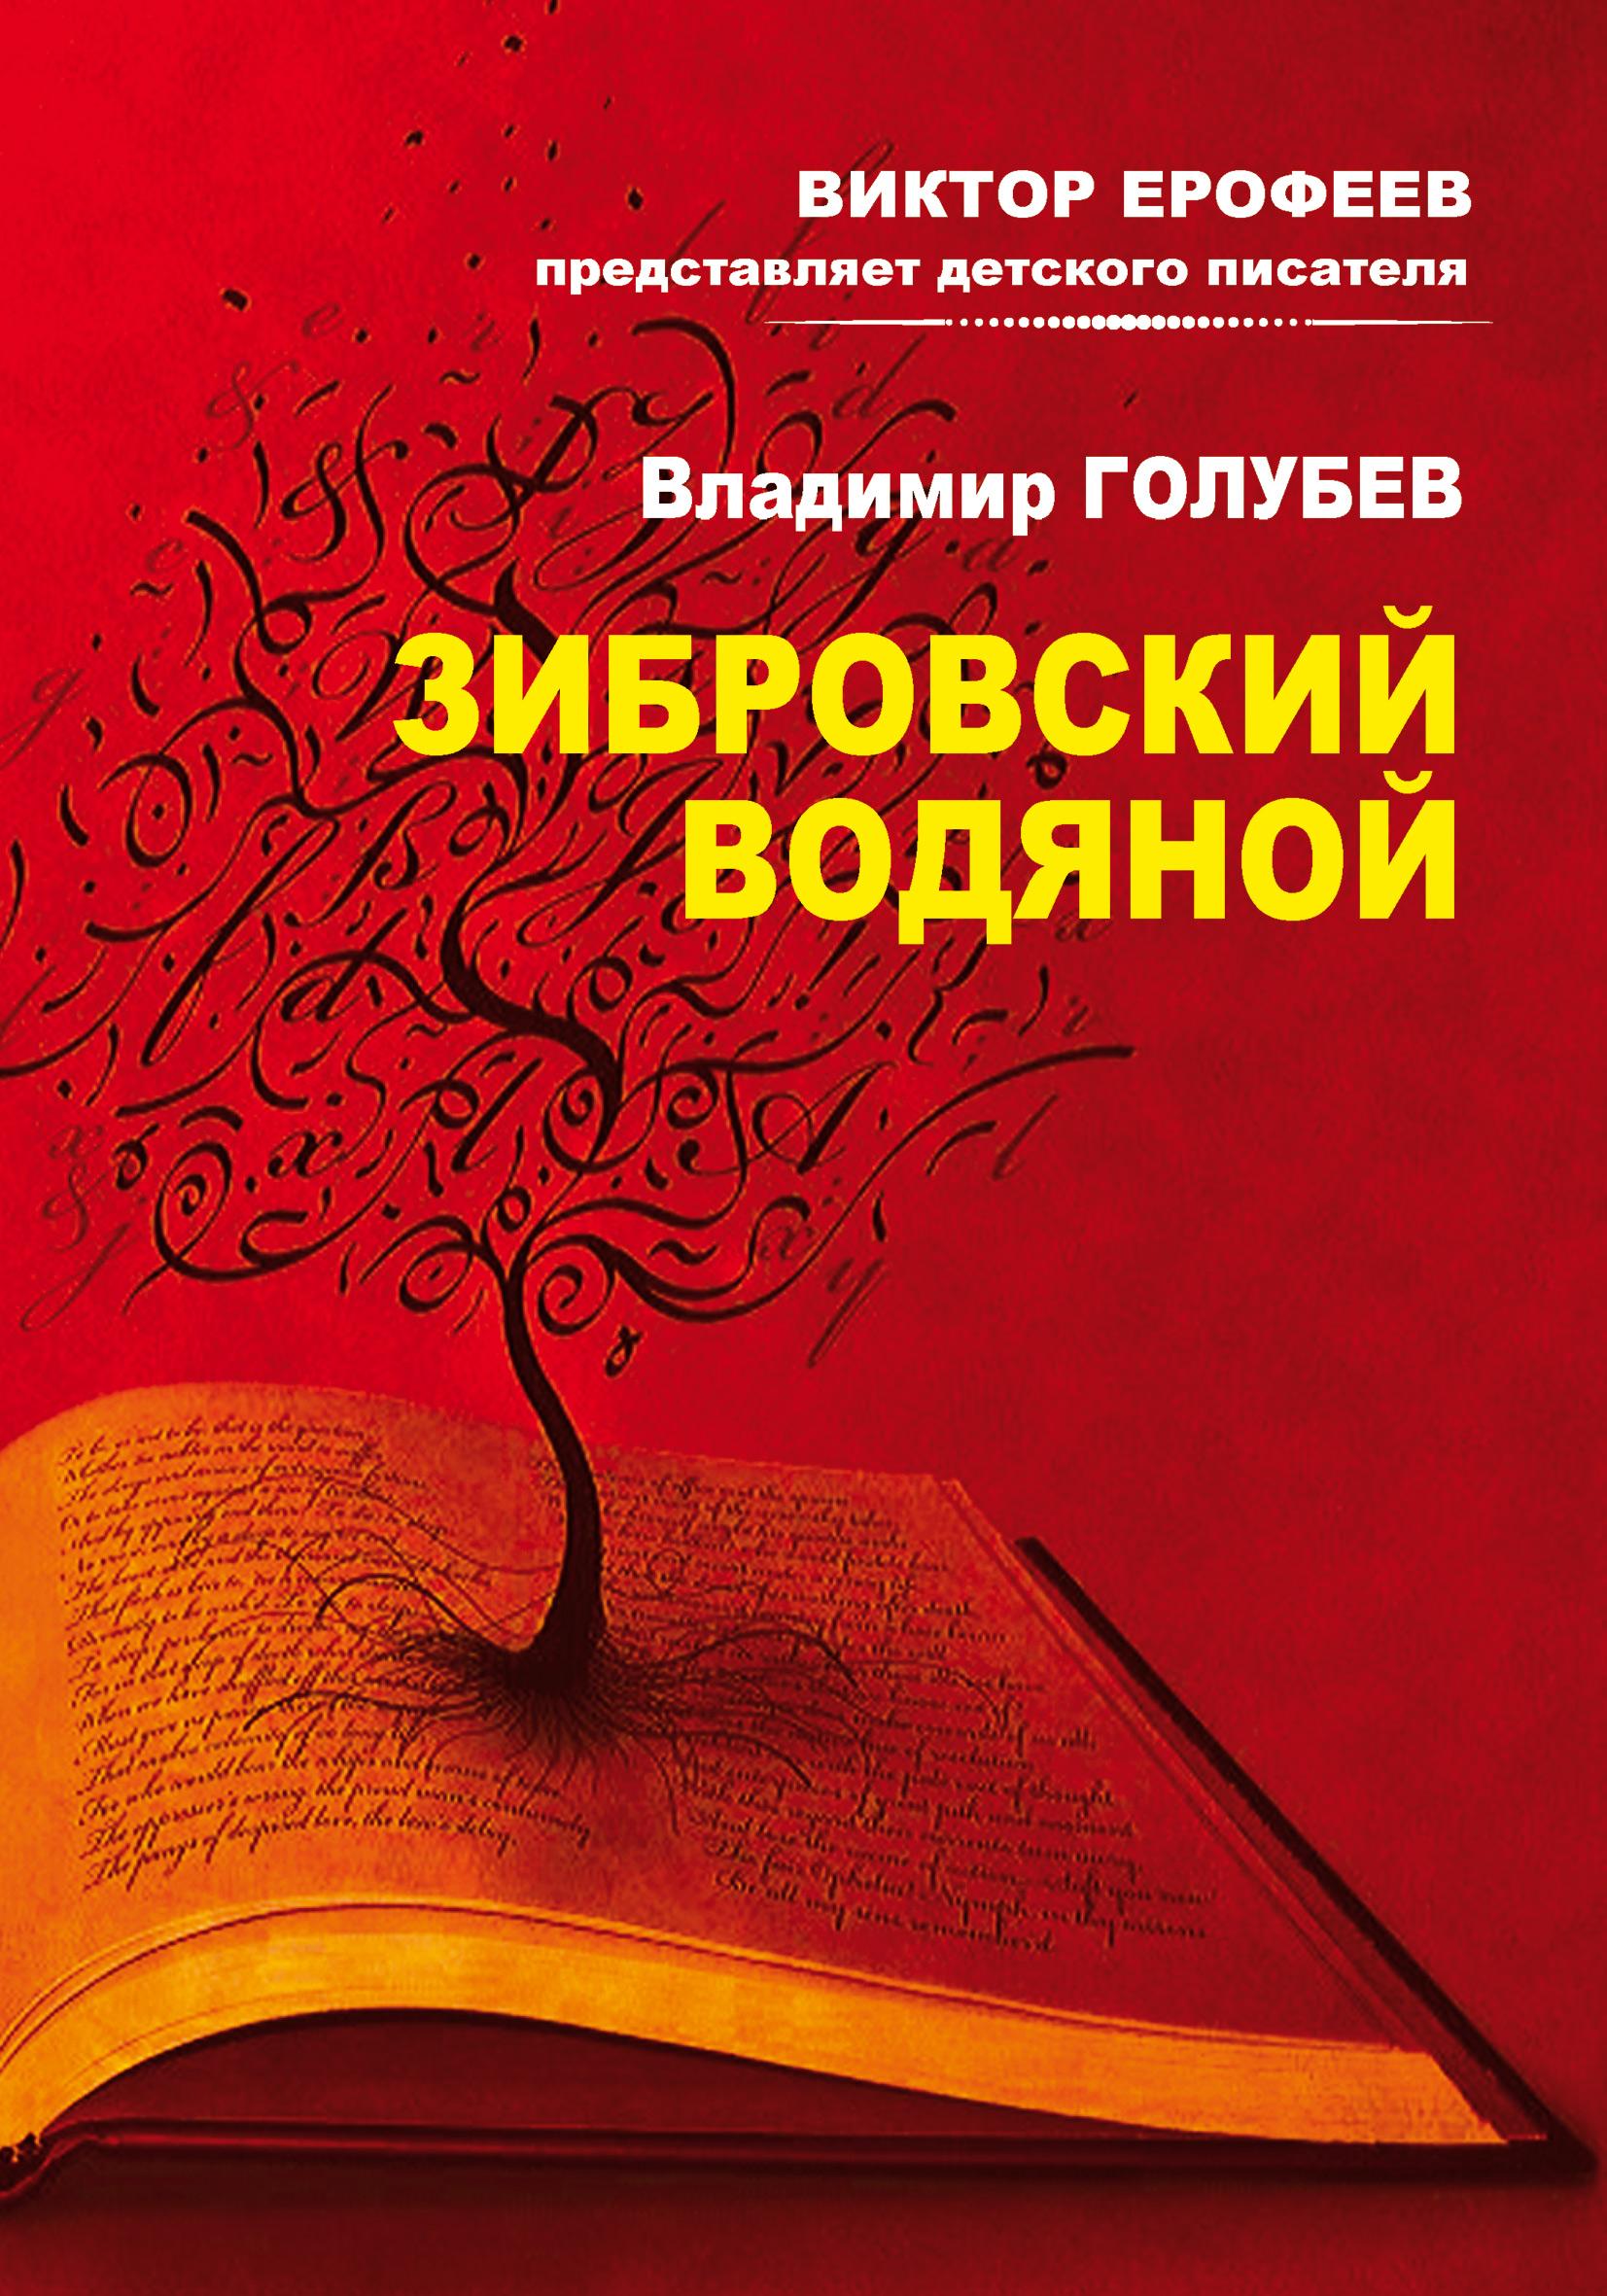 Владимир Голубев Зибровский водяной. Сказы б в шергин отцово знанье поморские были и сказания